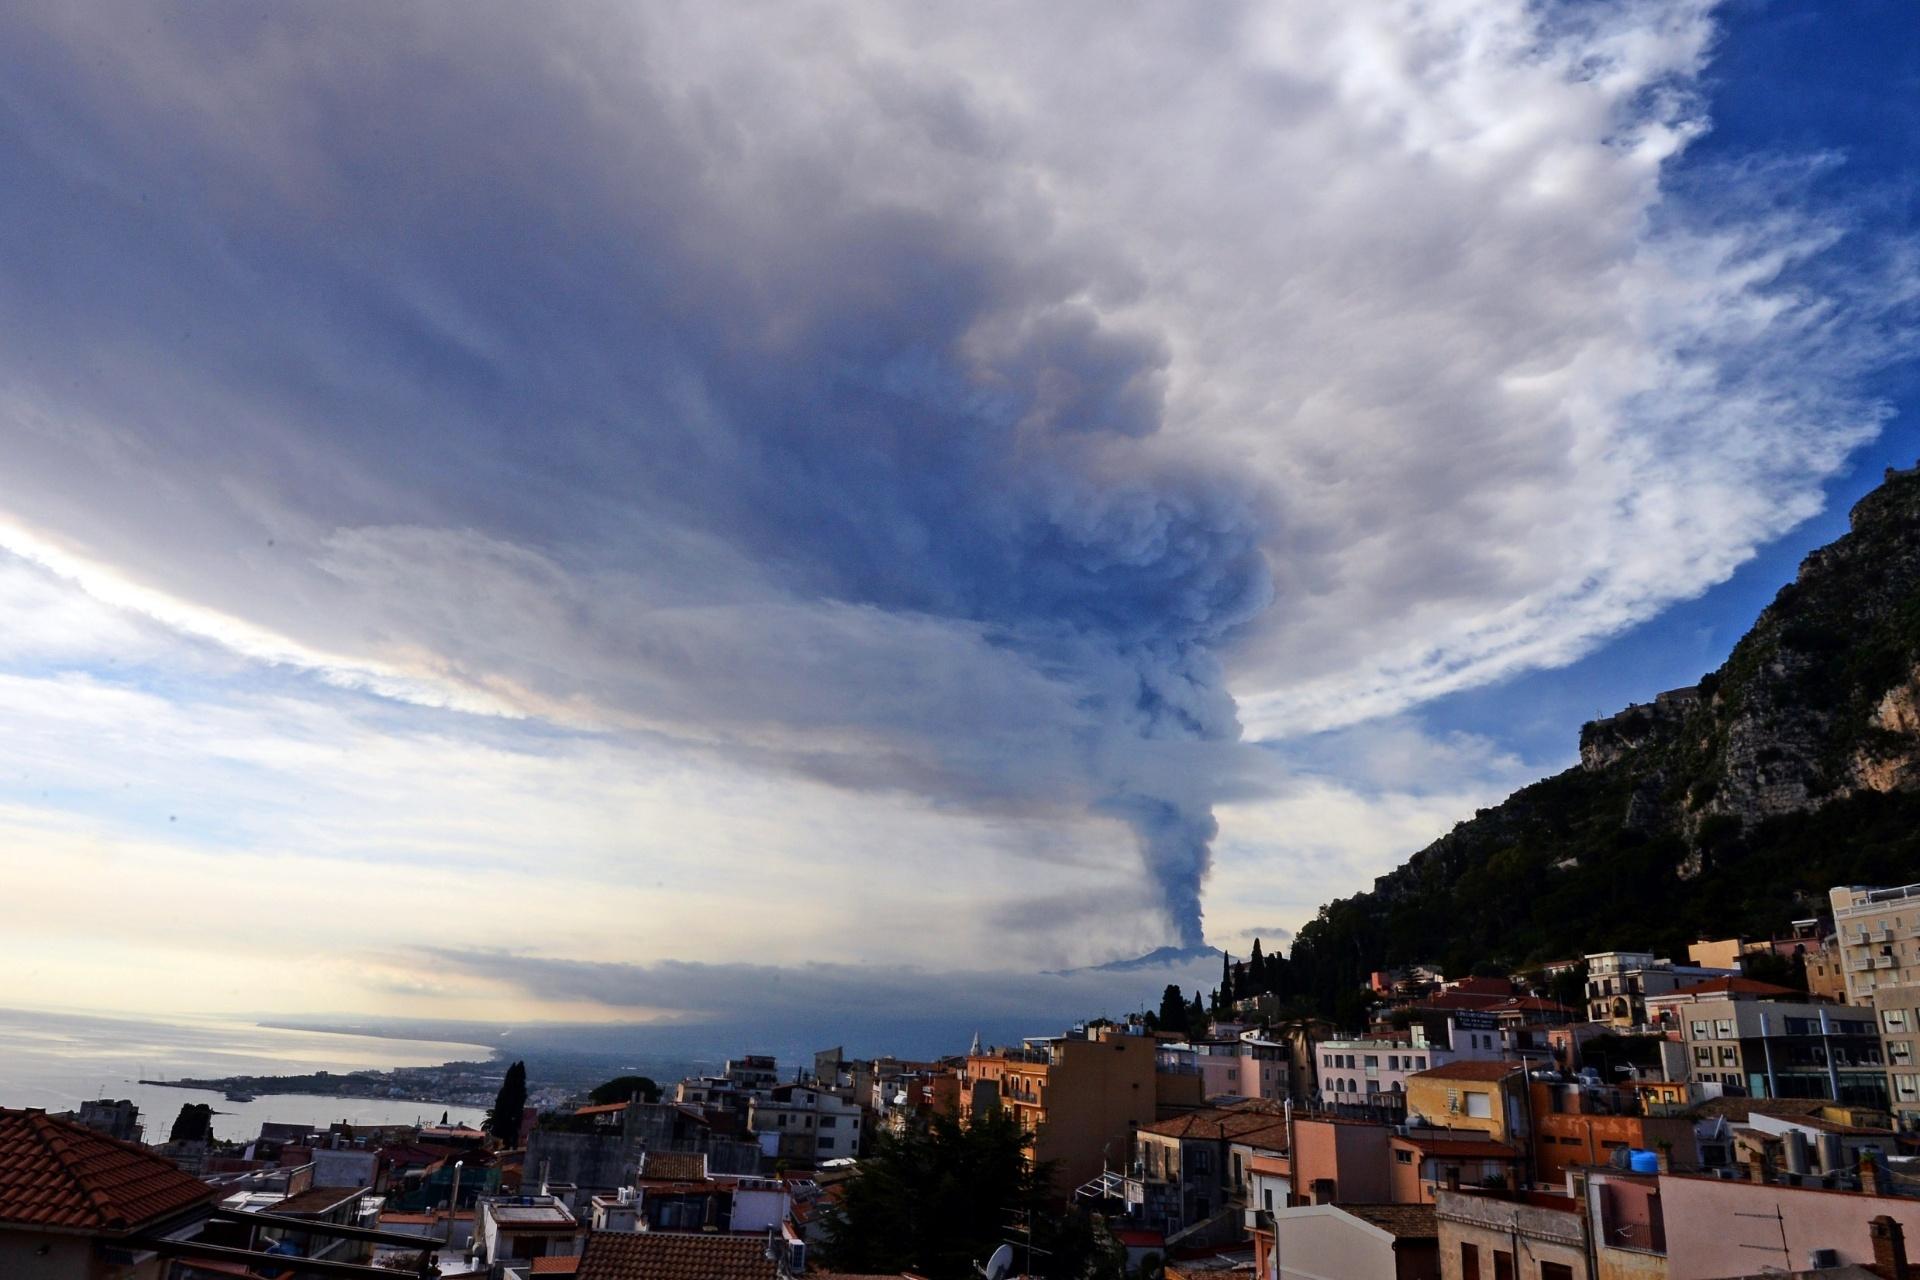 4.dez.2015 - Uma coluna de fumaça sai do vulcão Etna, visto da cidade de Taormina, na Itália. O Etna é um dos vulcões mais ativos do mundo, e fica próximo a Catania